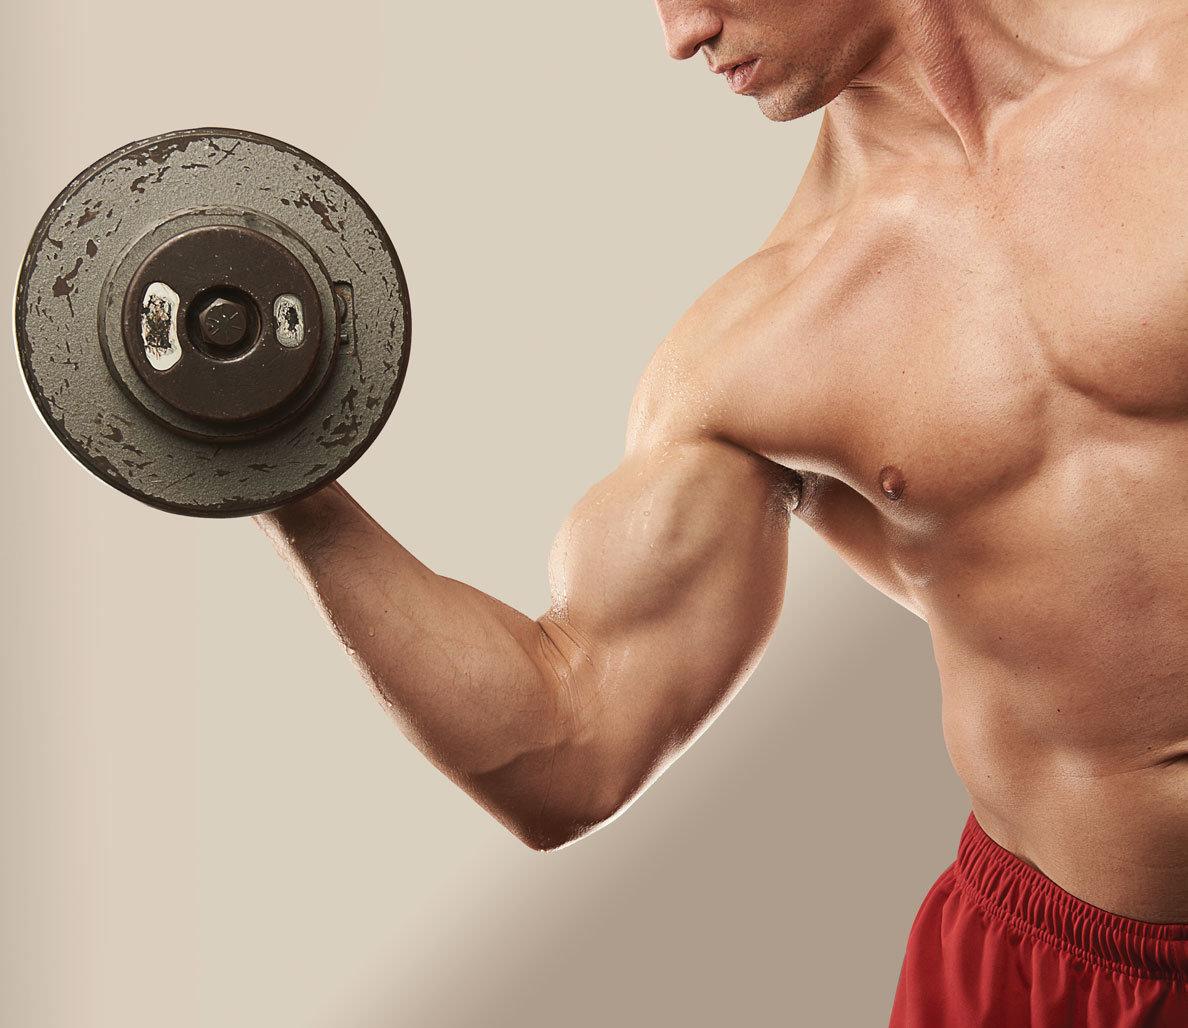 چرا هرچه قدر تمرین و ورزش میکنید بازوهایتان کوچک نمیشود؟